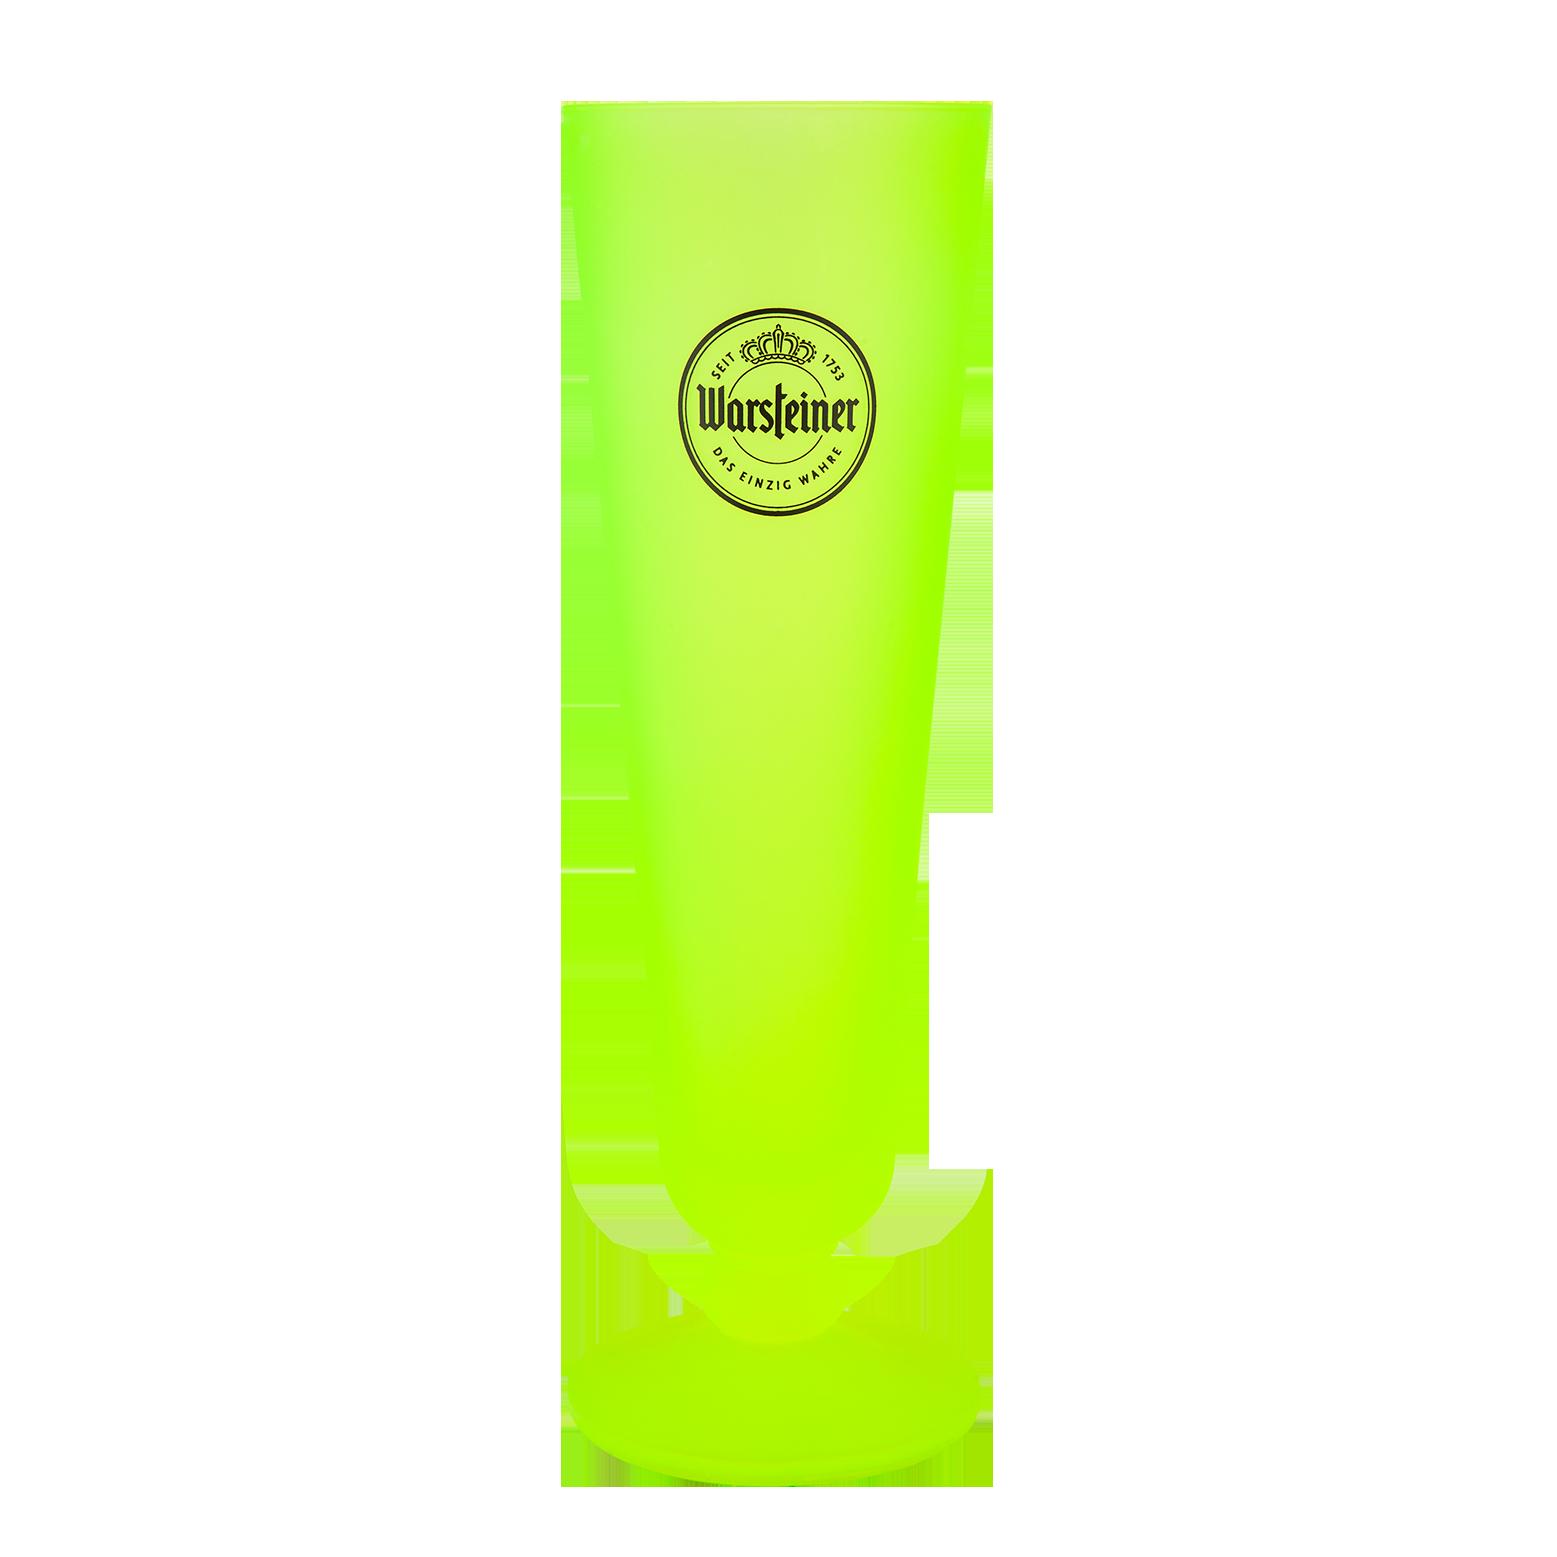 Warsteiner Neontulpe-0,2 L (grün)